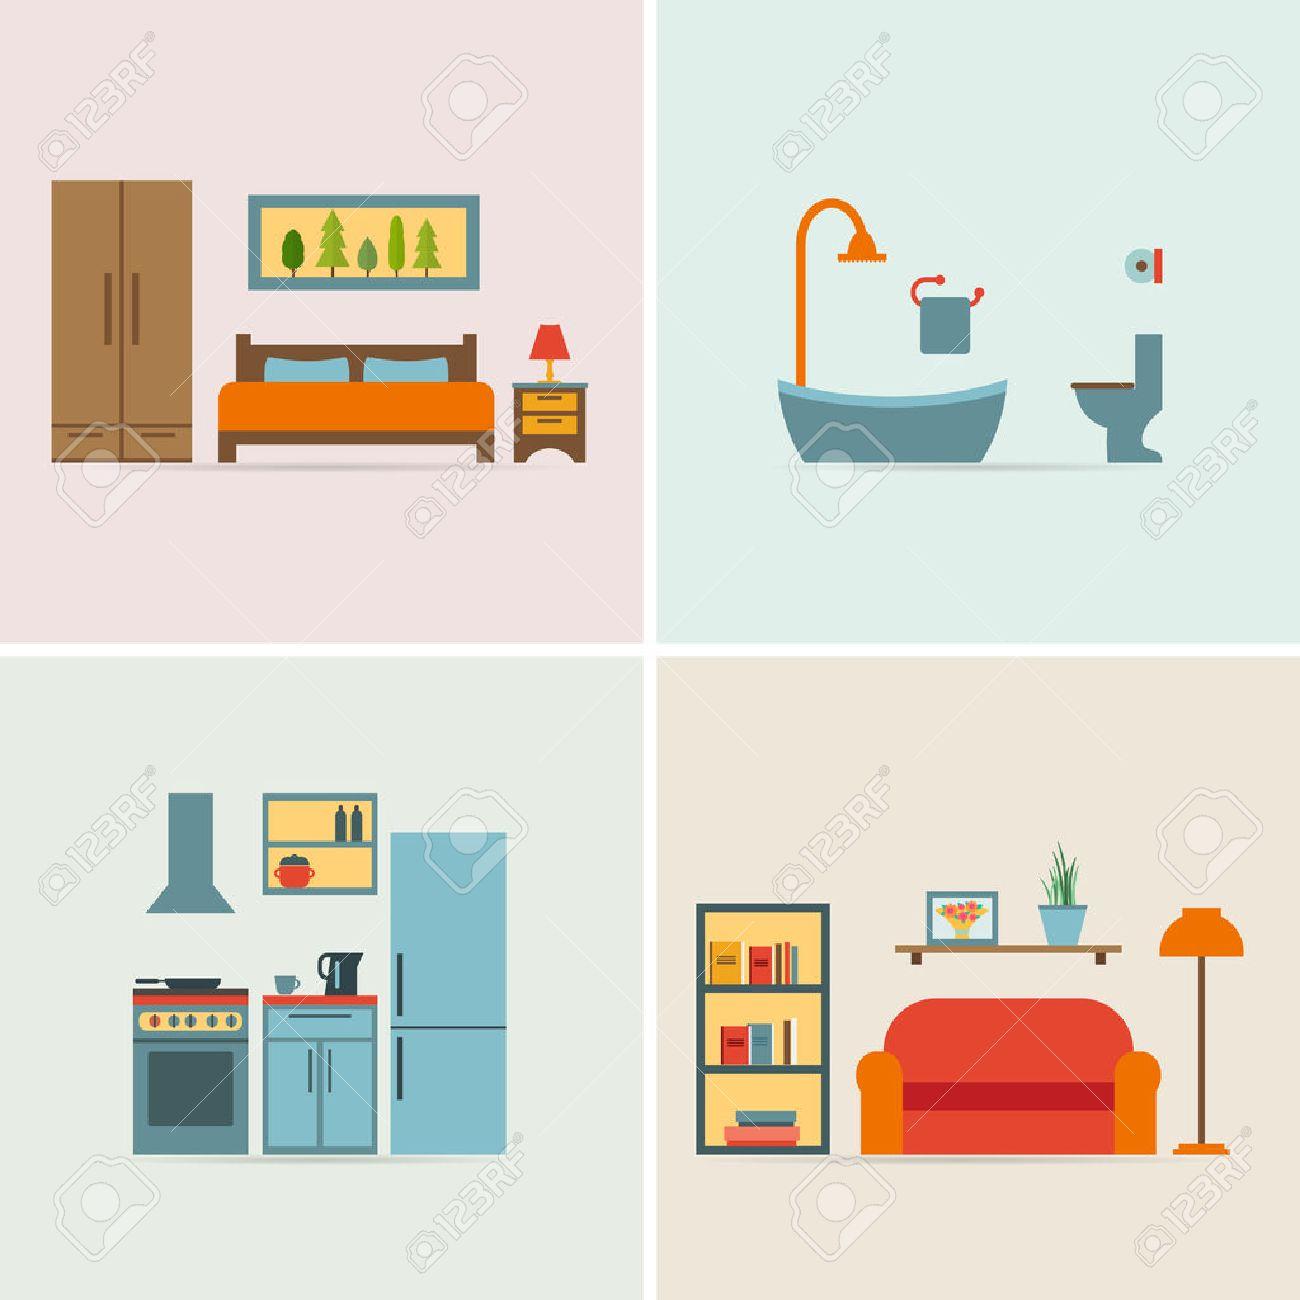 Superb Banner Mit Möbel Symbole Für Räume Des Hauses. Wohnung Stil  Vektor Illustration.